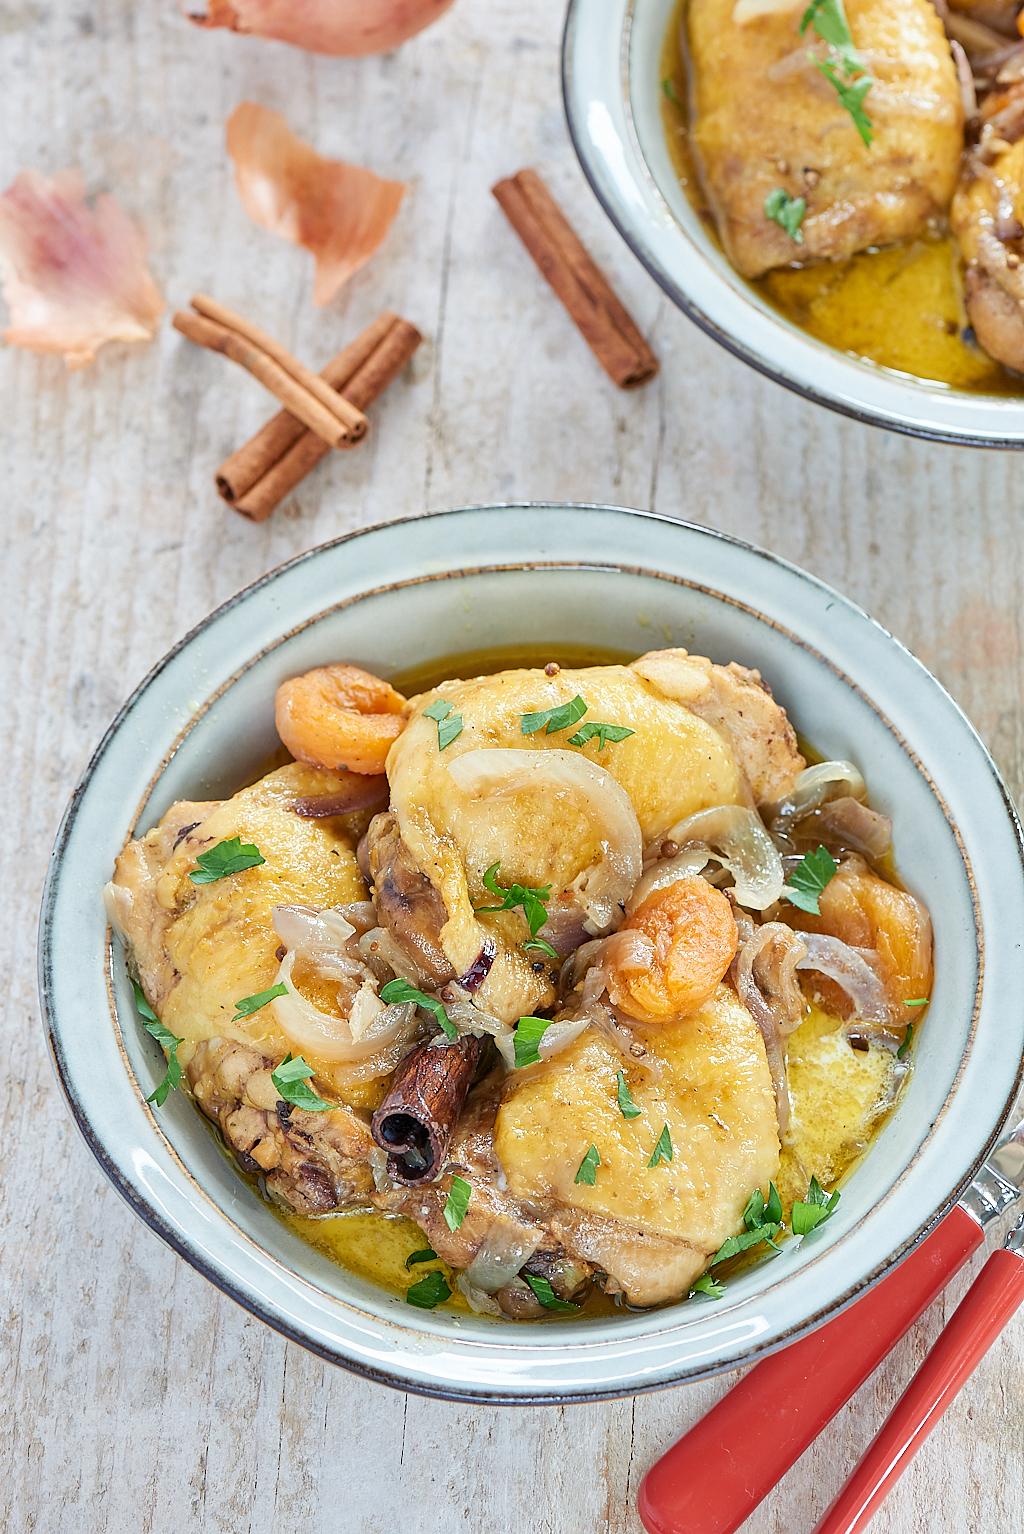 Photo culinaire d'un tajine de poulet